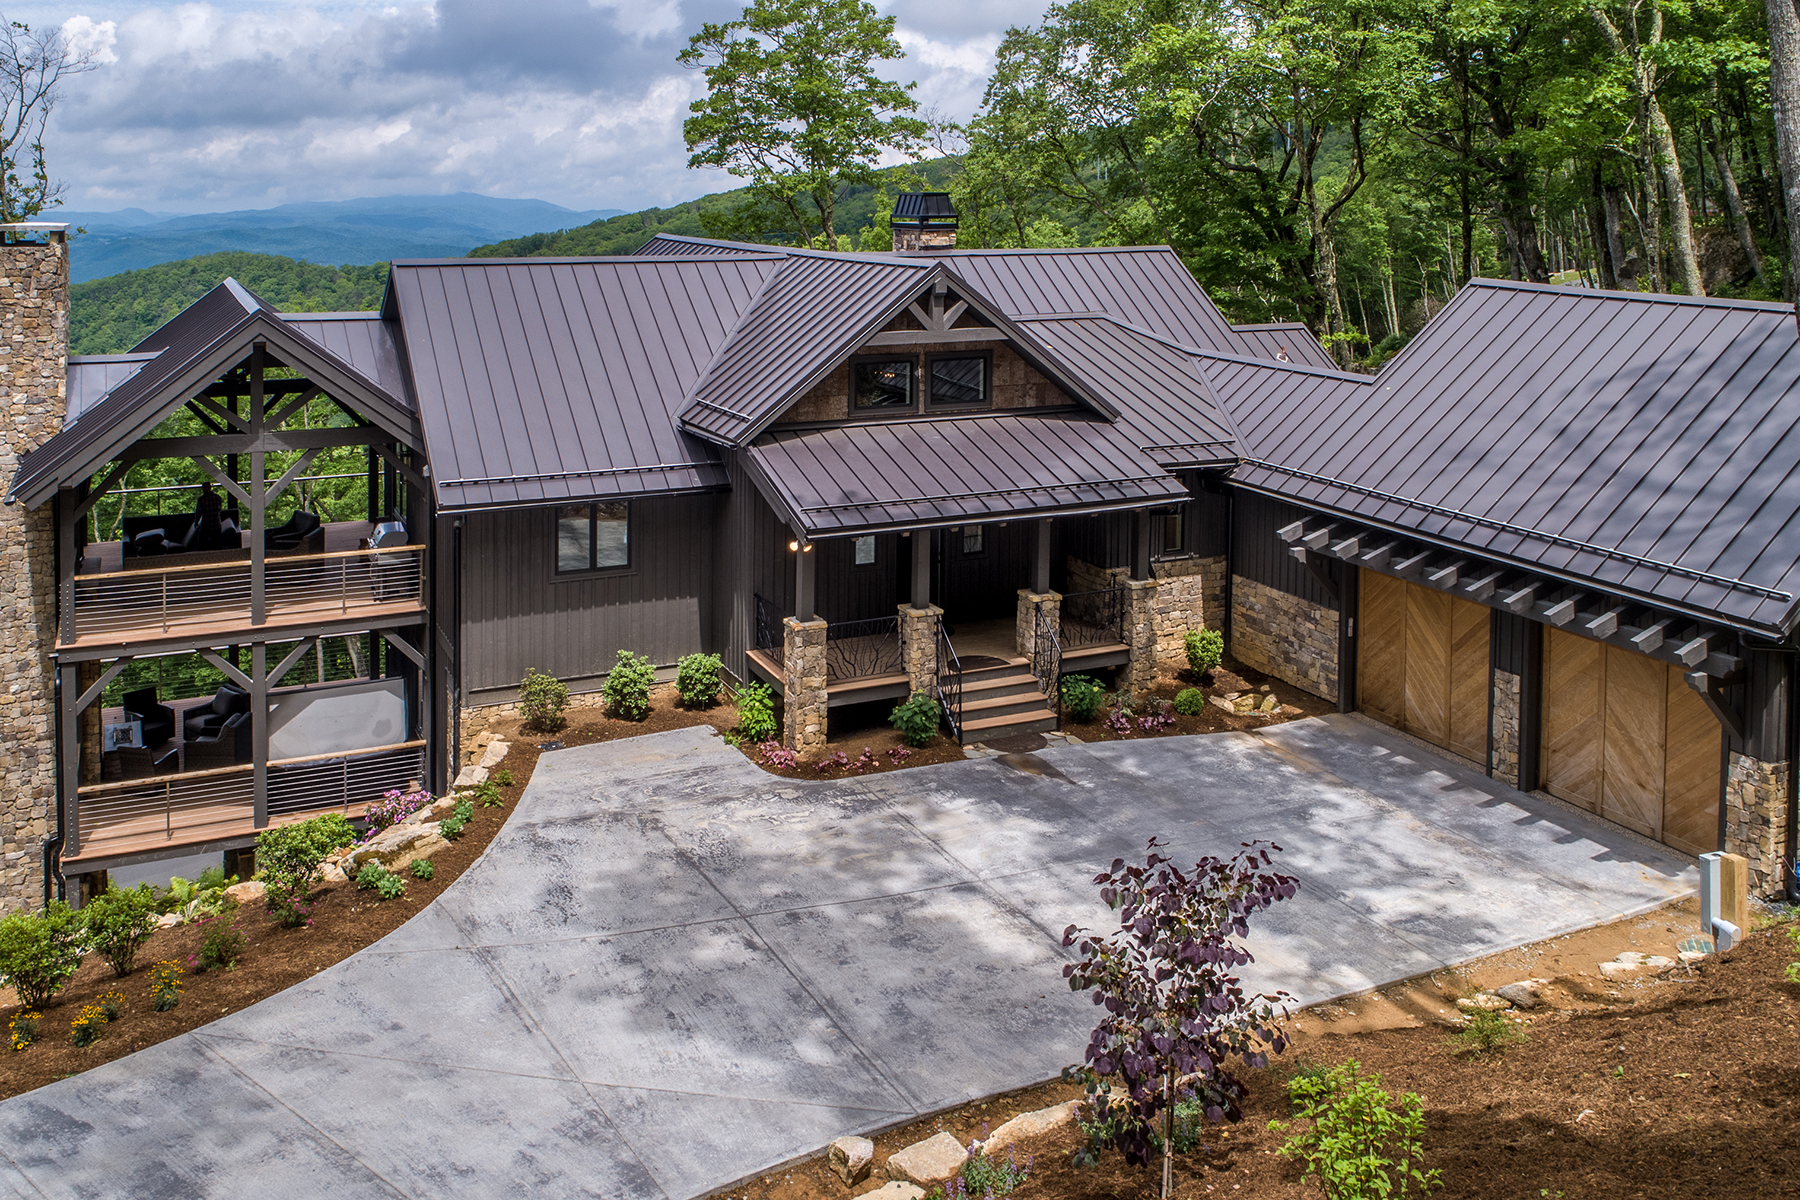 Single Family Homes for Sale at BANNER ELK - THE LODGES AT EAGLES NEST 306 N Indian Rock Dr Banner Elk, North Carolina 28604 United States